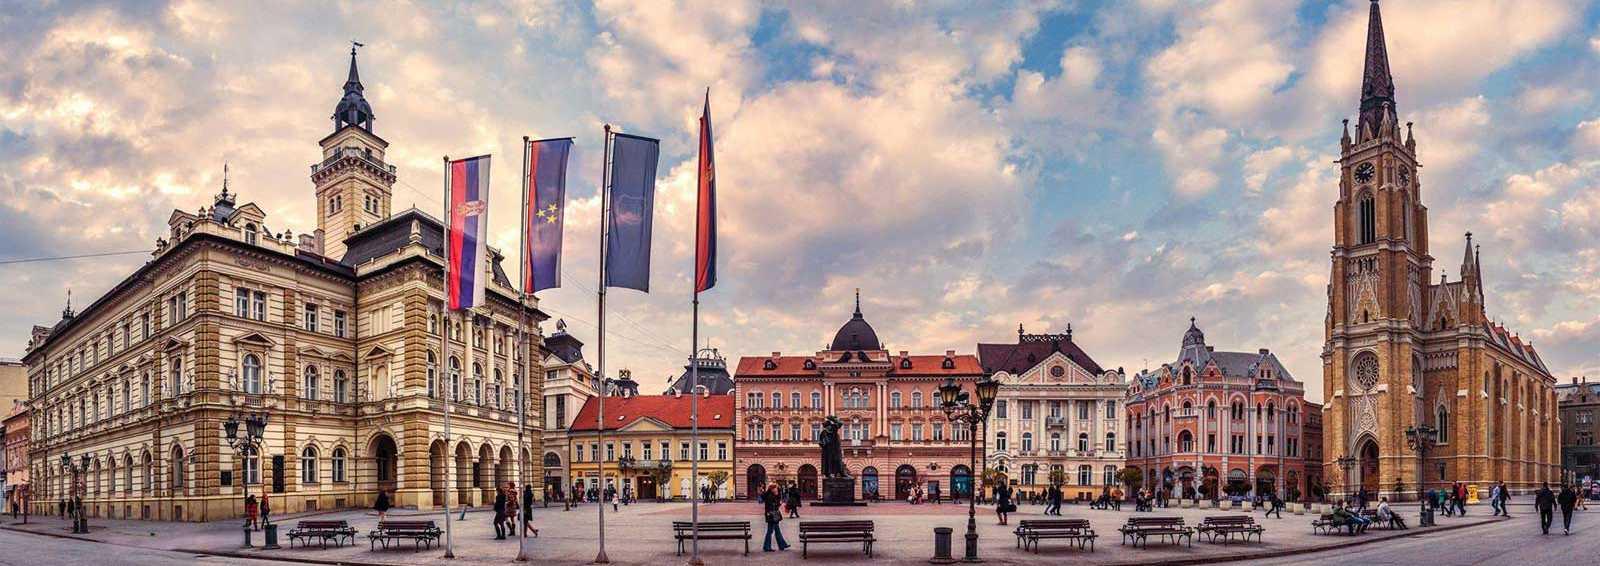 Novi Sad, Vojvodina, Serbia's second city